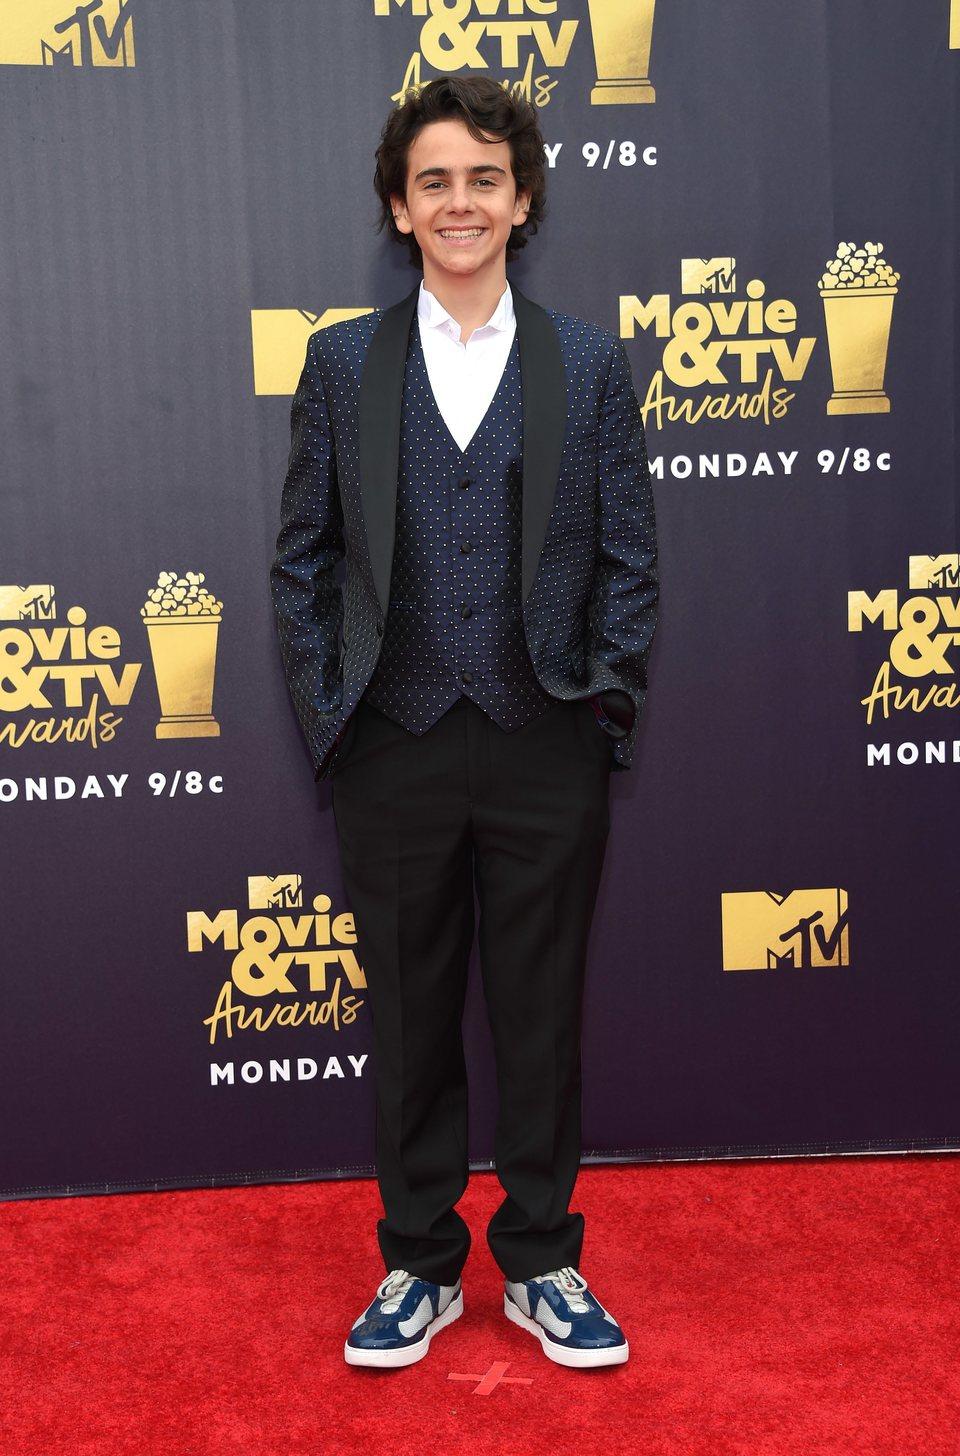 Jack Dylan Grazer en la alfombra roja de los MTV Movie & TV Awards 2018